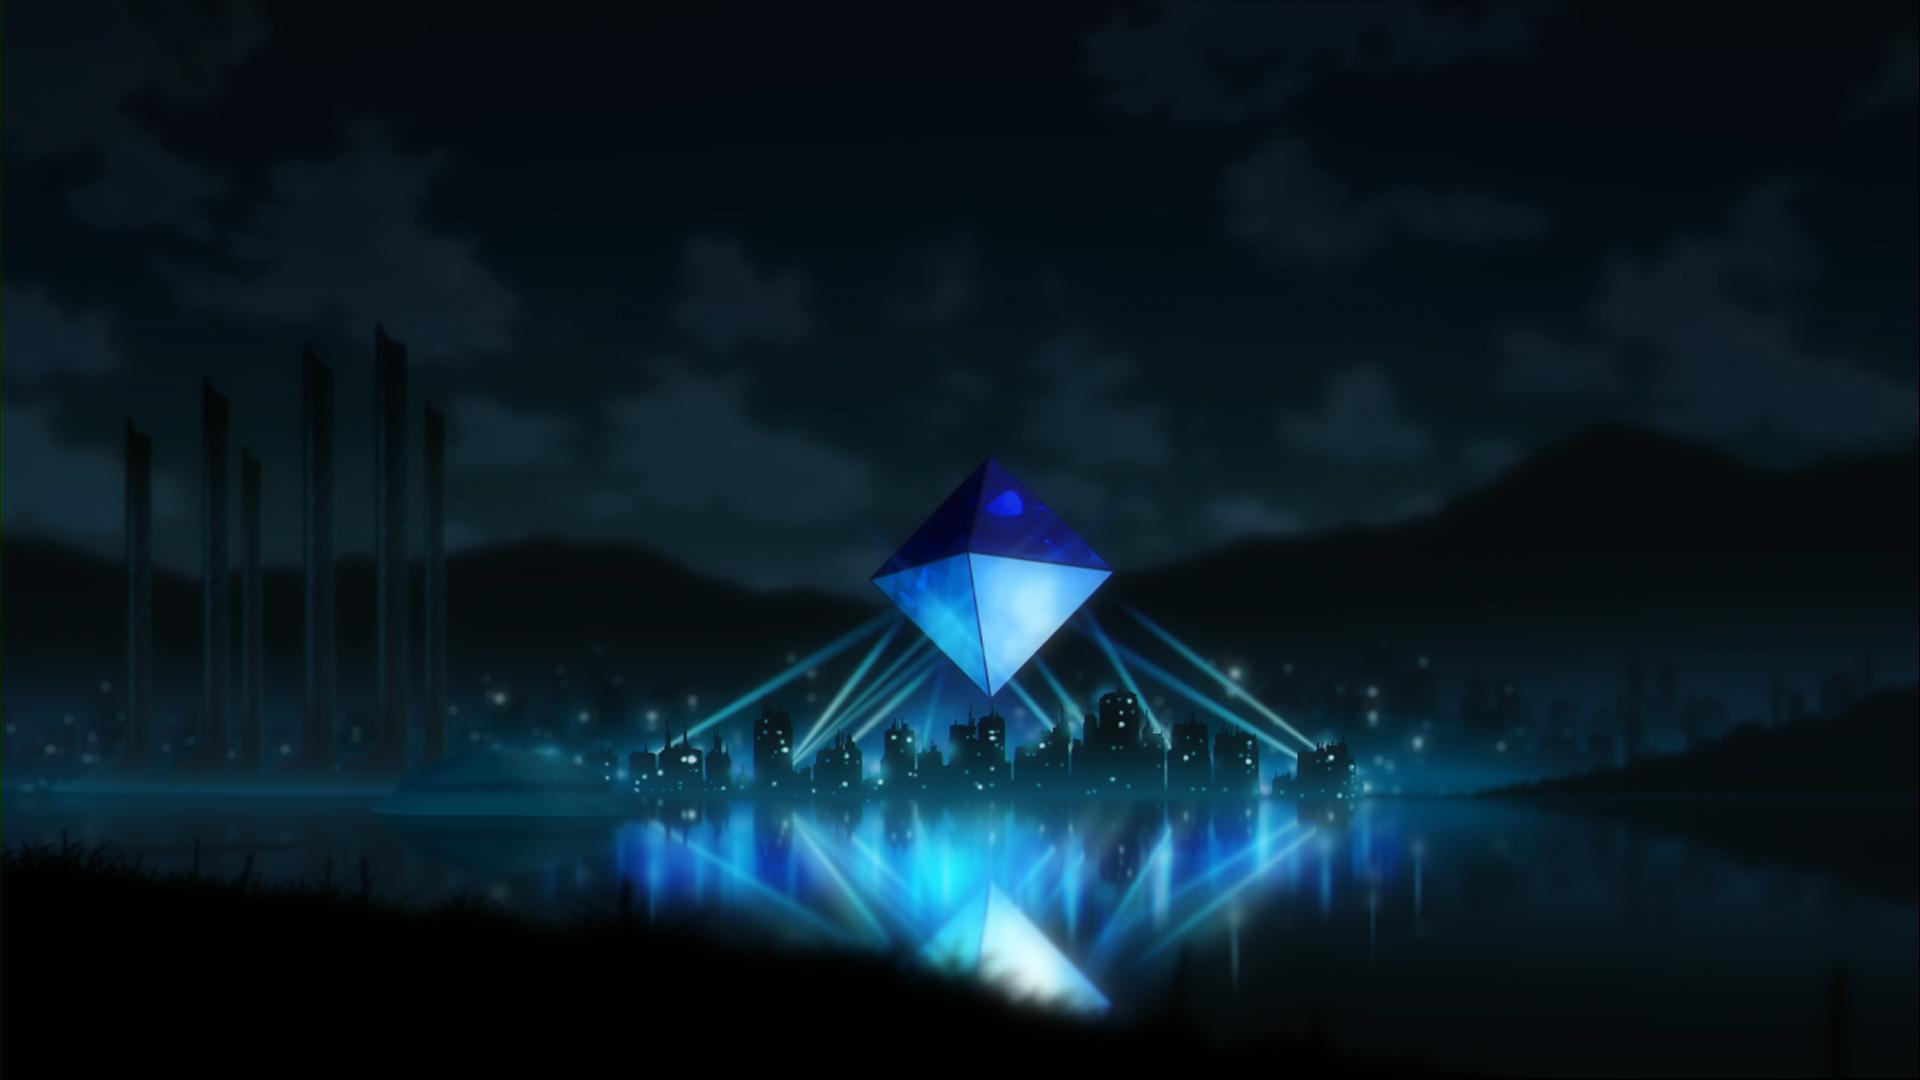 Evangelion Wallpaper 1080p - WallpaperSafari